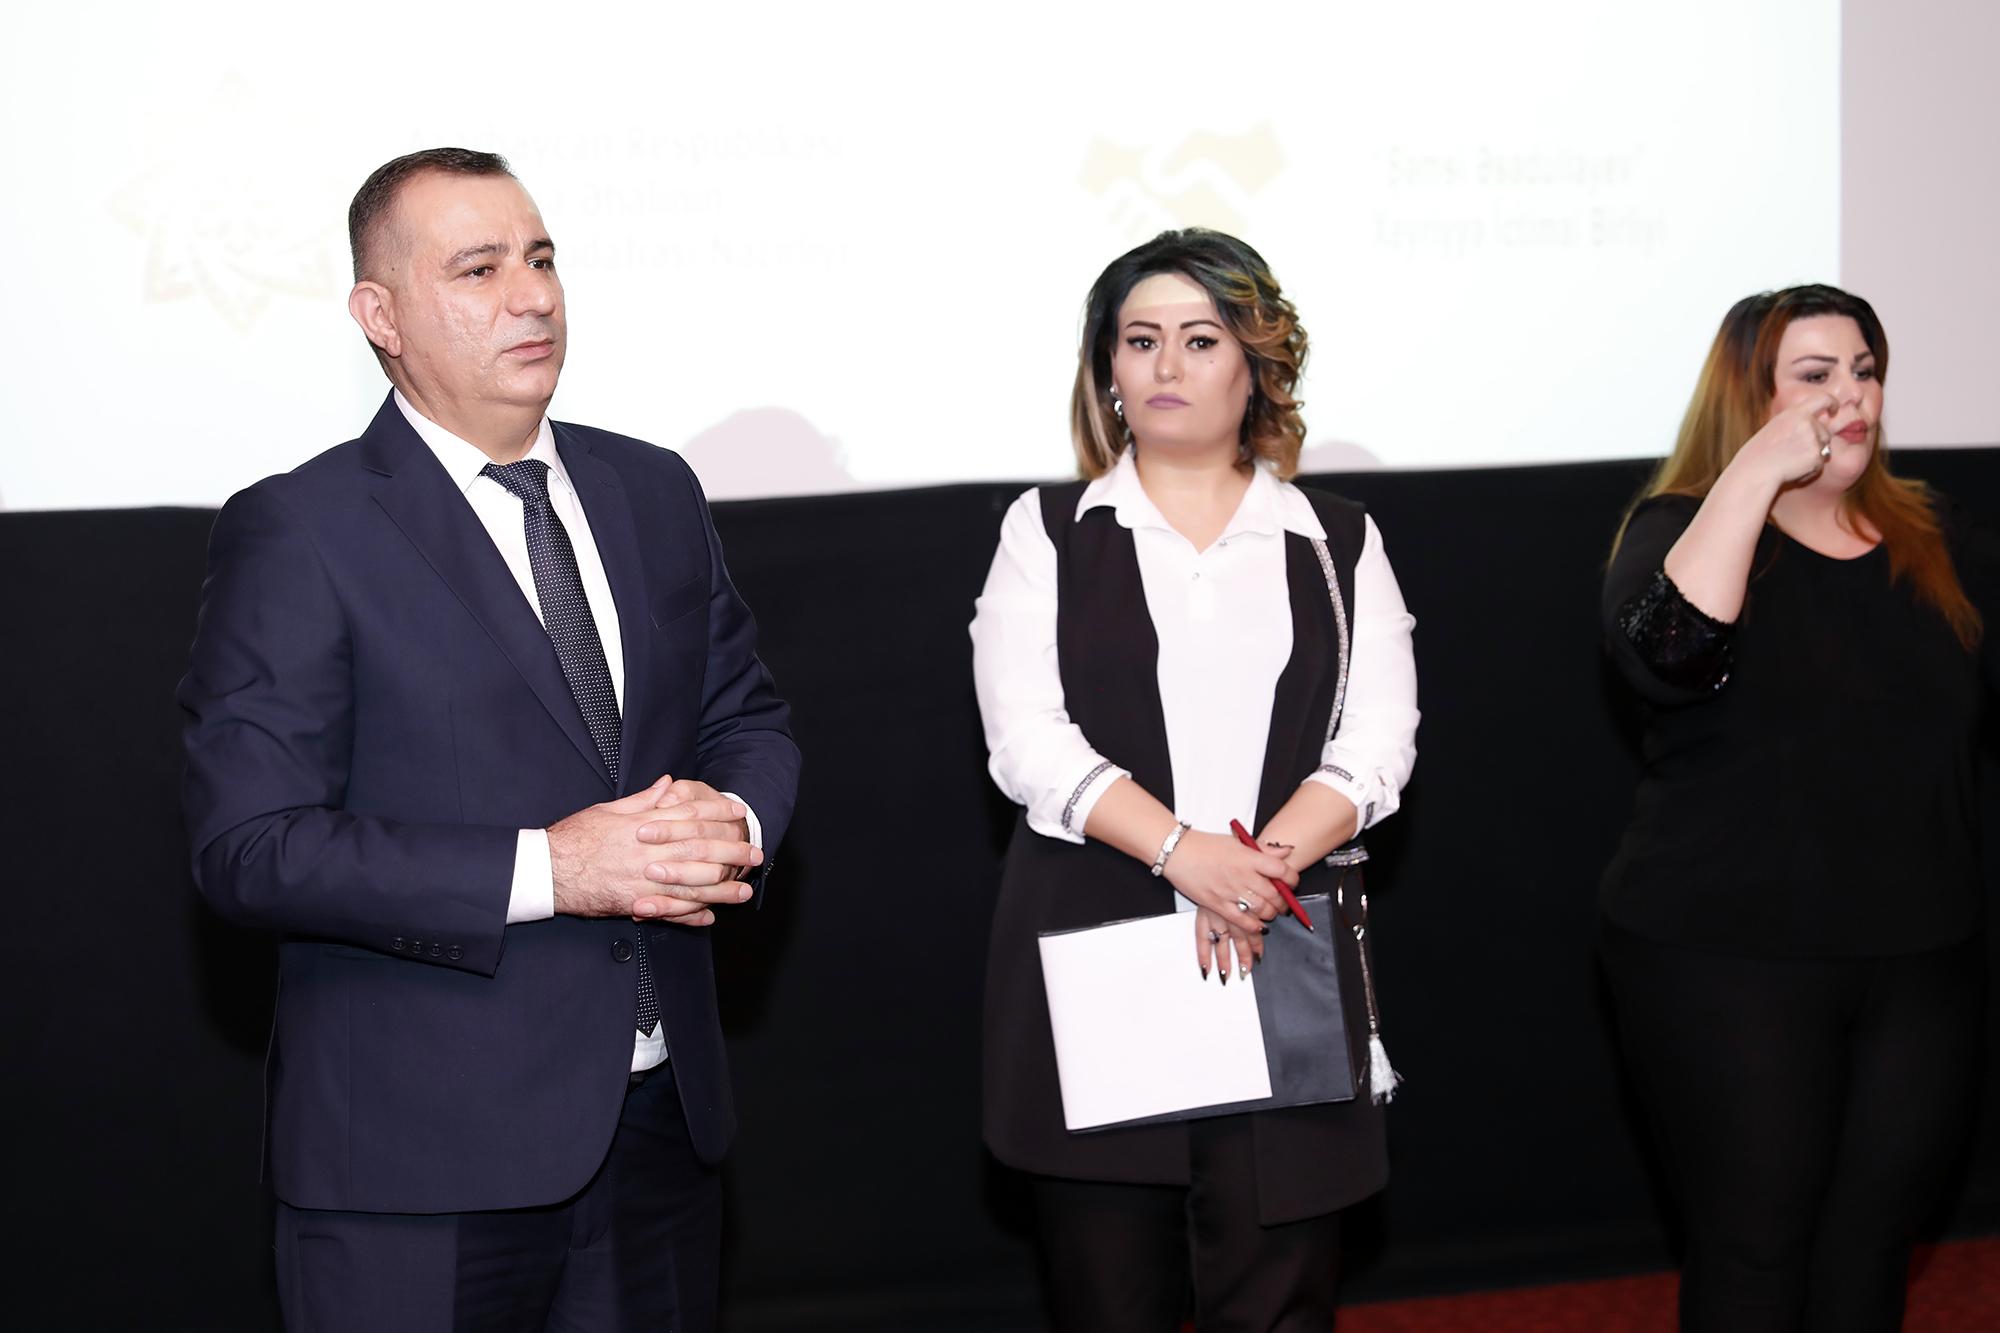 Cizgi filmi və 6 informasiya bülleteninin surdotərcümə formatında təqdimat mərasimi keçirilib – Fotolar